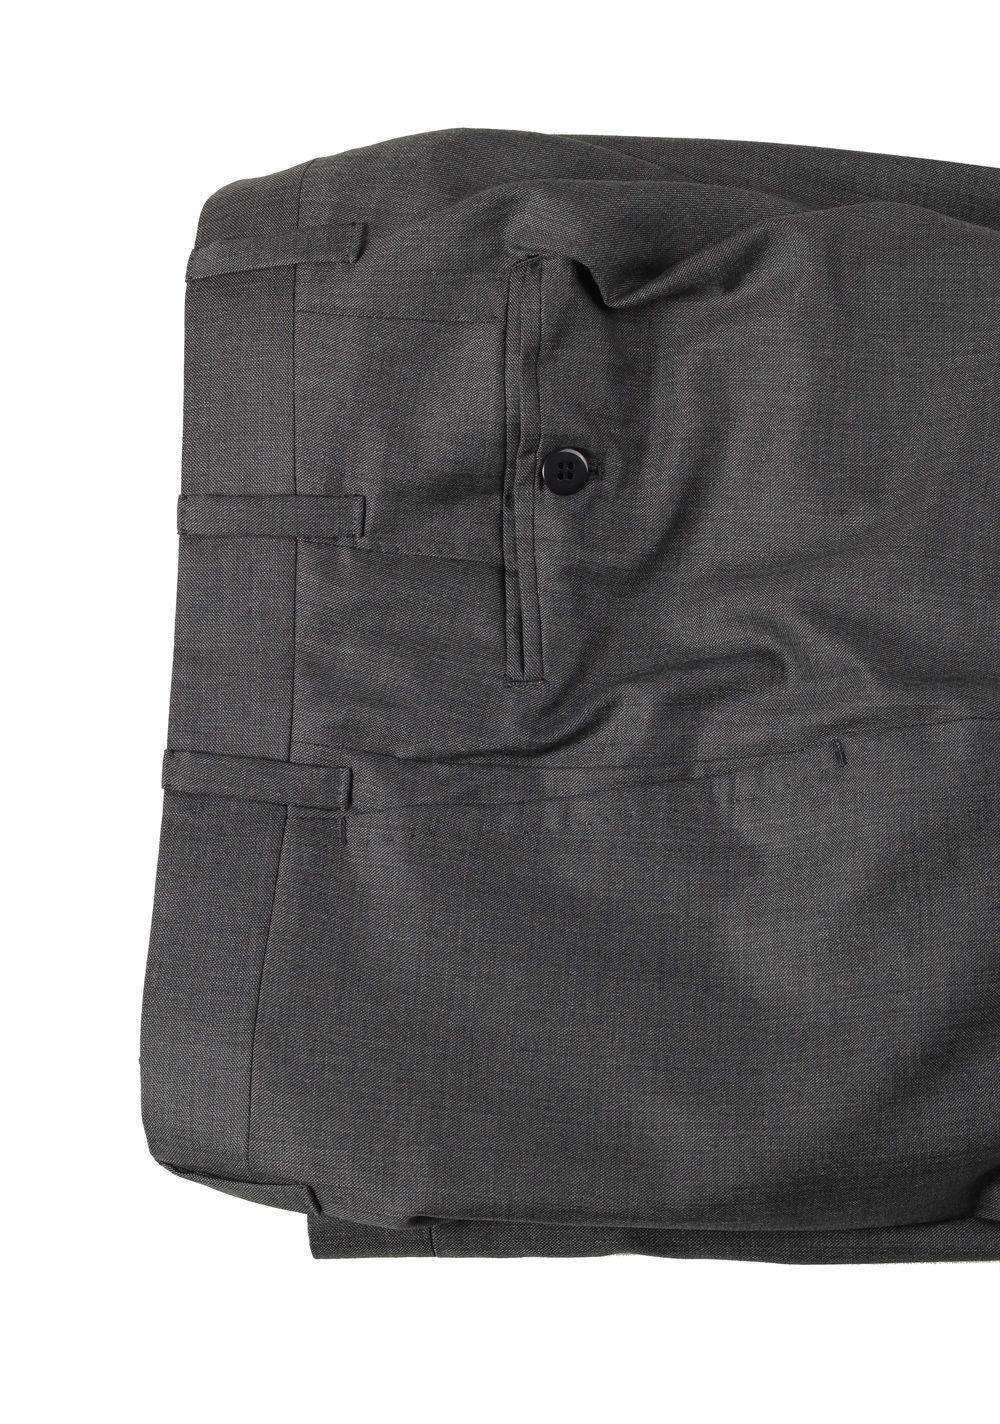 Orazio Luciano La Vera Sartoria Napoletana Suit Size 50L / 40L U.S. | Costume Limité